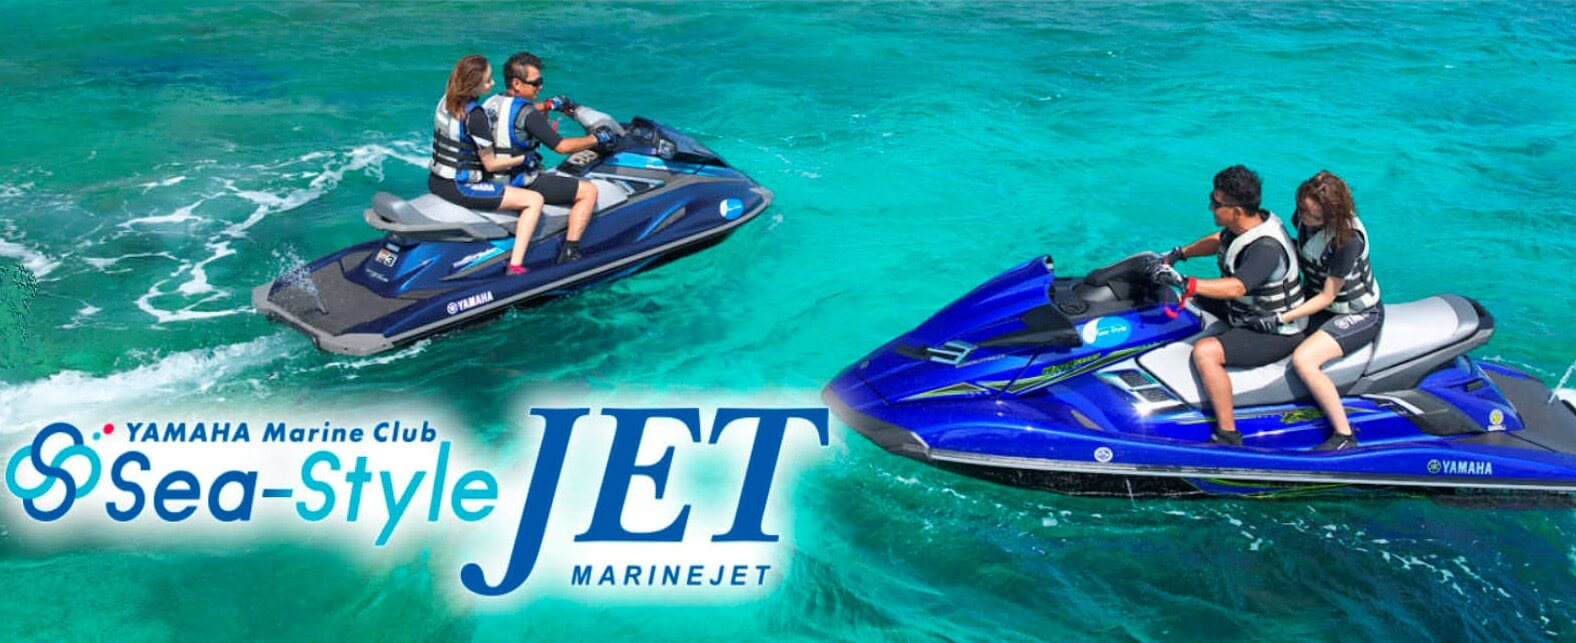 【レンタルジェット】ヤマハのレンタルシステム「シースタイル」 6月1日から再開! マリンジェットのレンタル ジェットスキー(水上バイク)